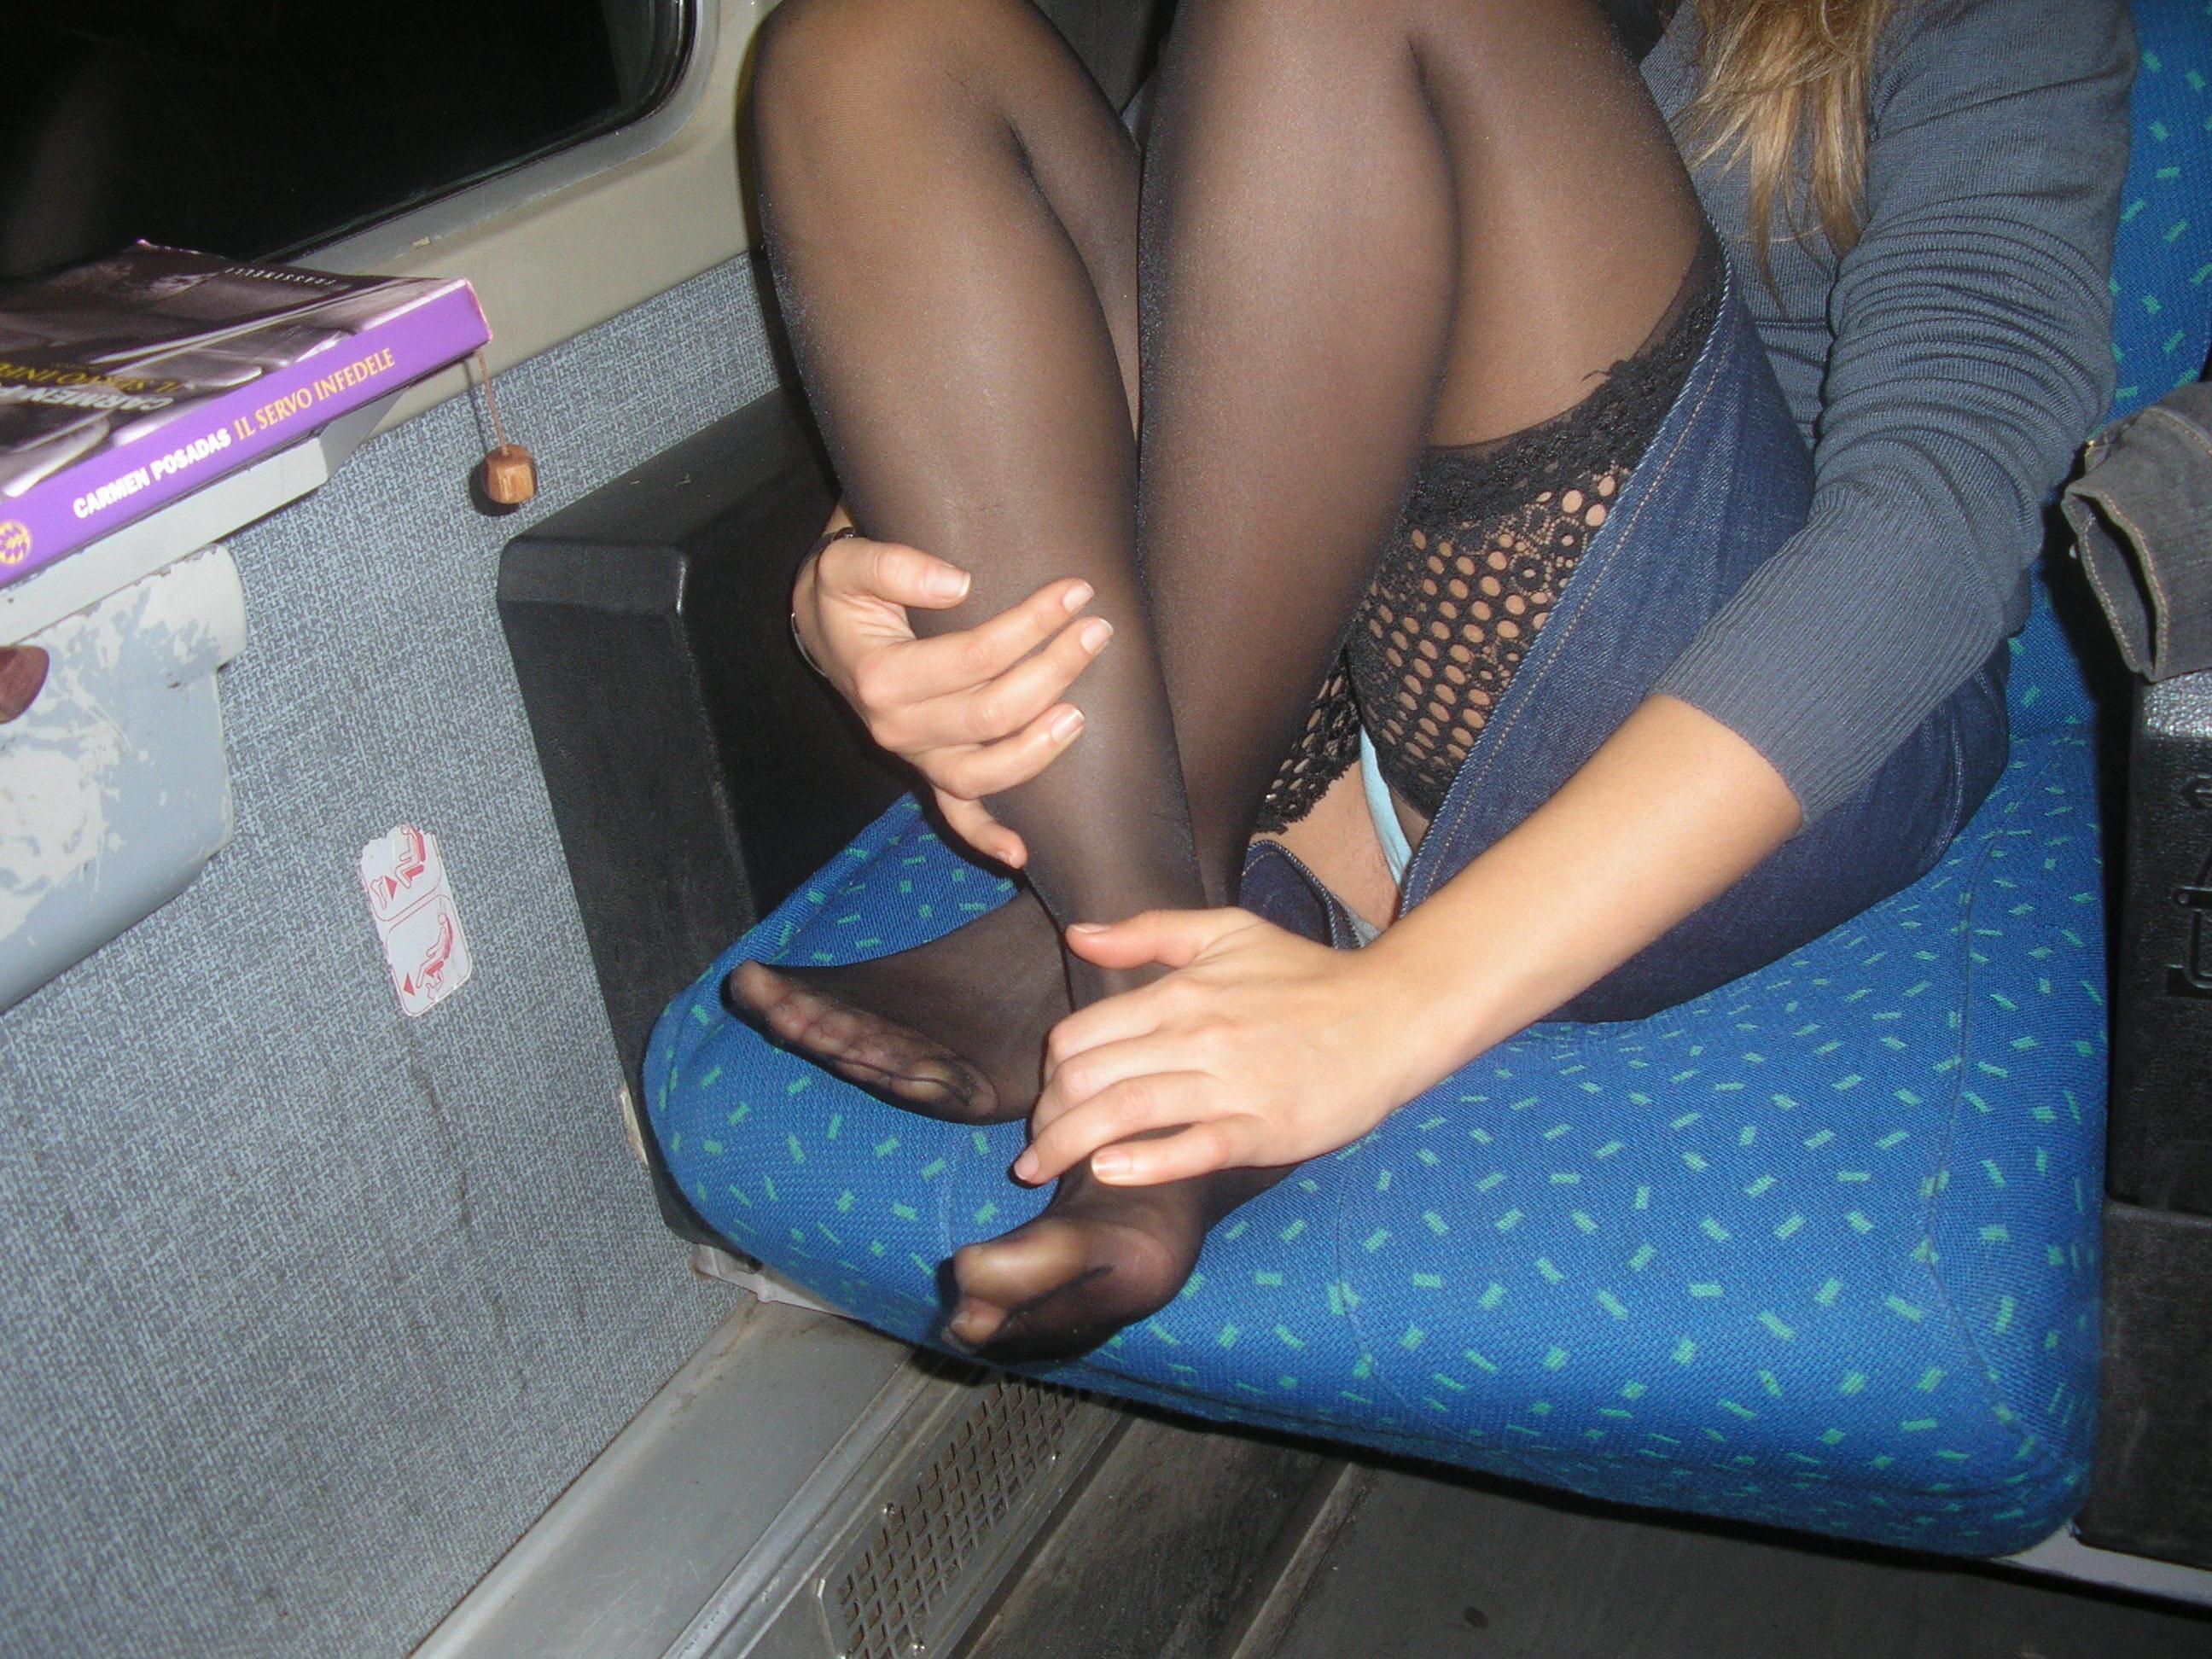 Девушка в чулках и джинсовой мини-юбке засветила голубые трусики